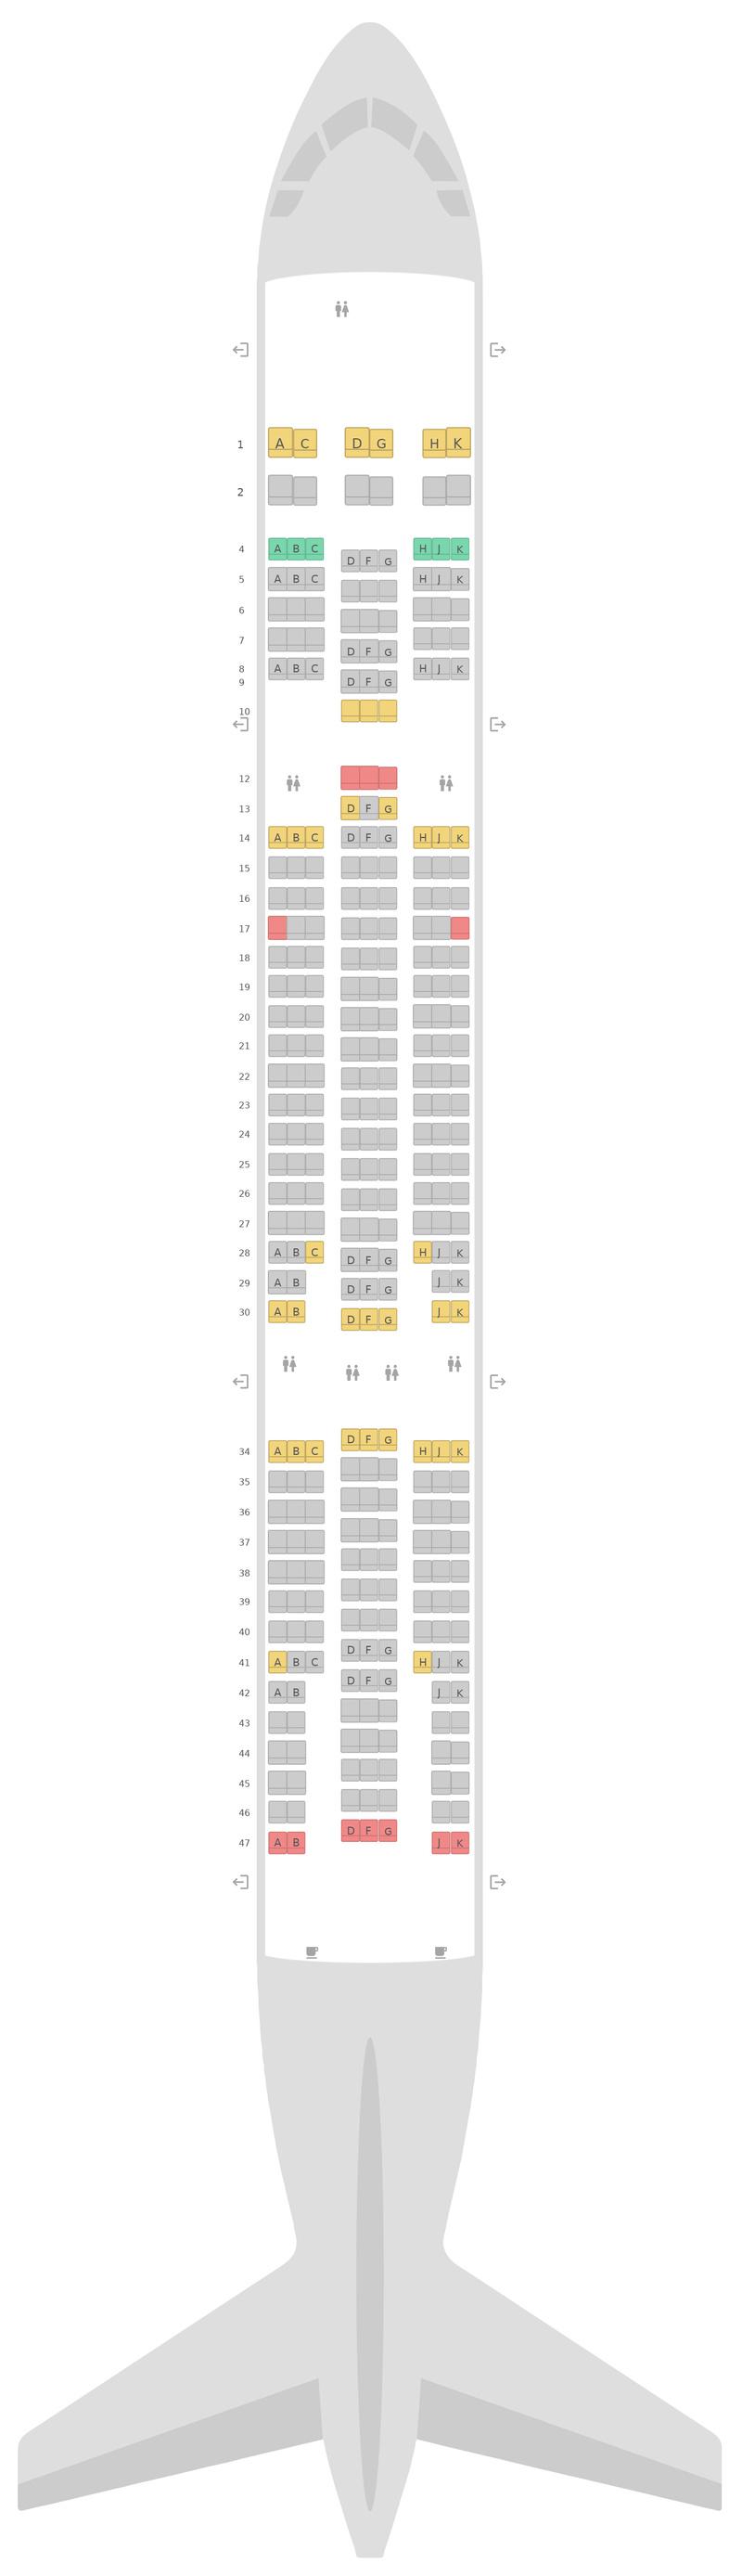 Mapa de asientos Airbus A330-200 (332) v2 Air Transat